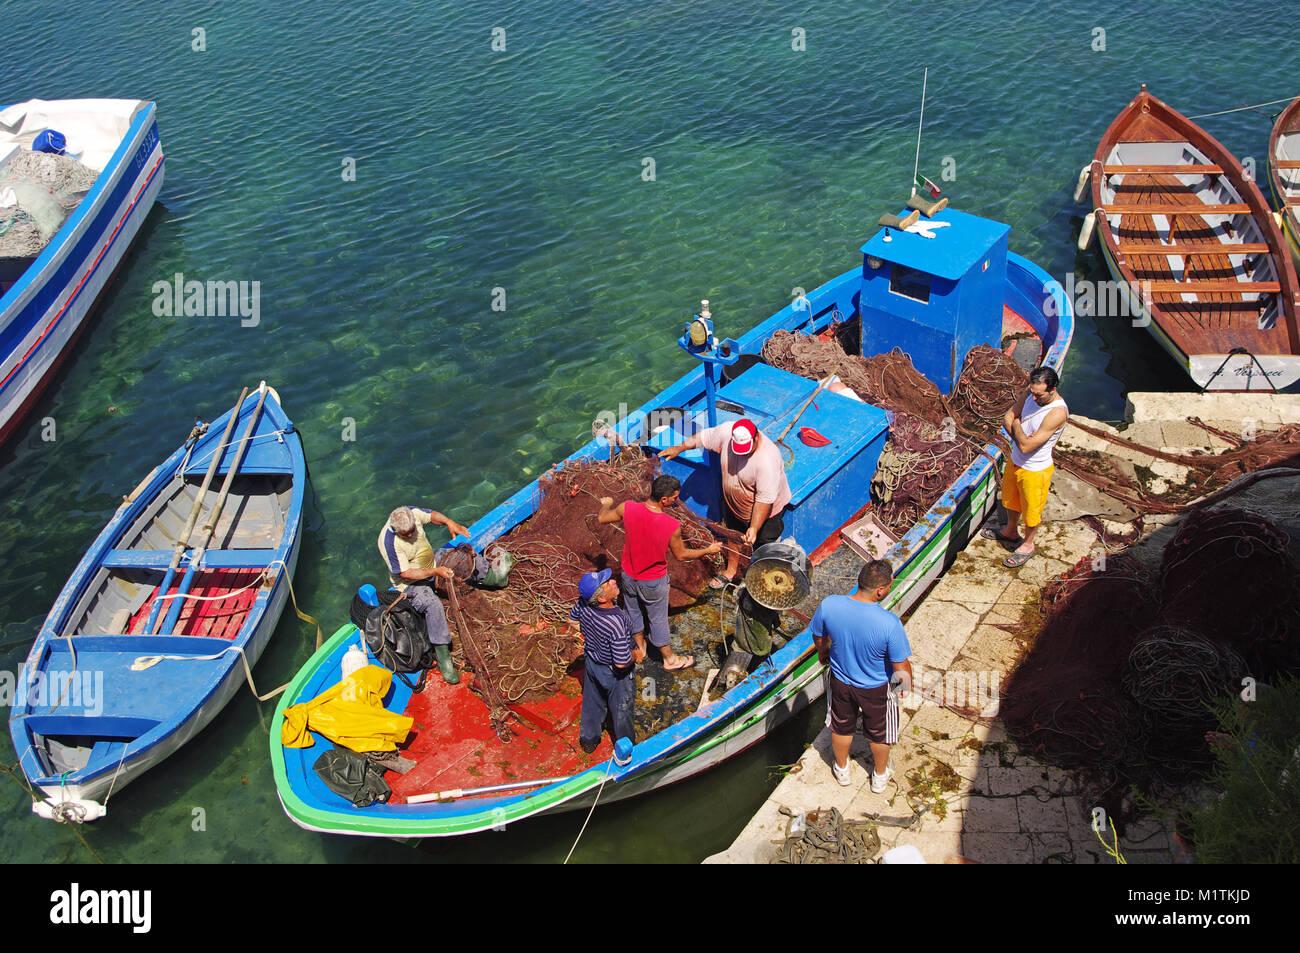 Los hombres de pesca ordenar las redes de pesca, Seno Della Purita Harbor, Gallipoli, Apulia, en el sur de Italia Imagen De Stock